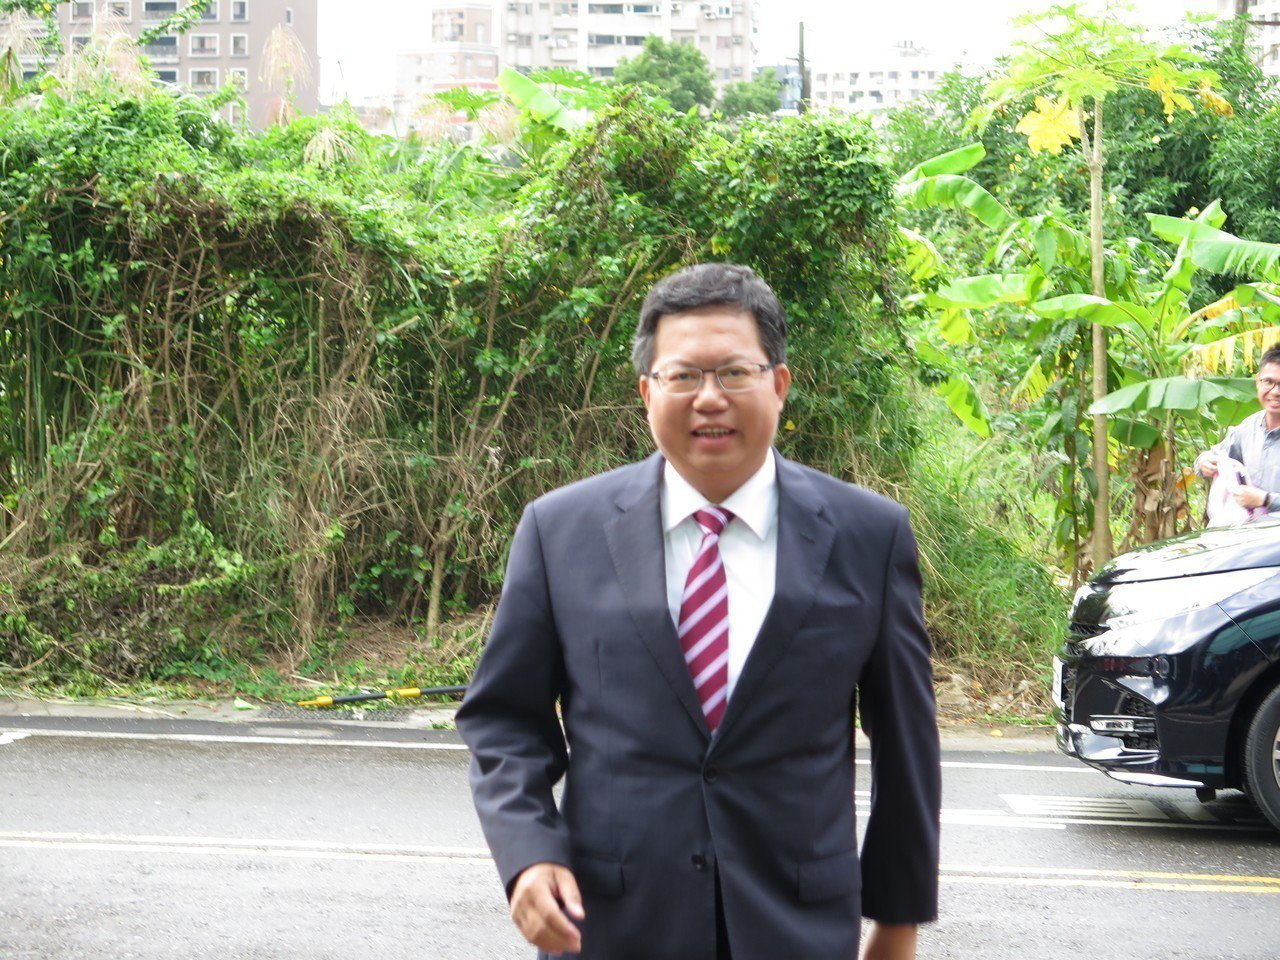 面對對手紛紛提出福利政策,市長鄭文燦不以為然,認為部分政策是亂開選舉支票。記者張...